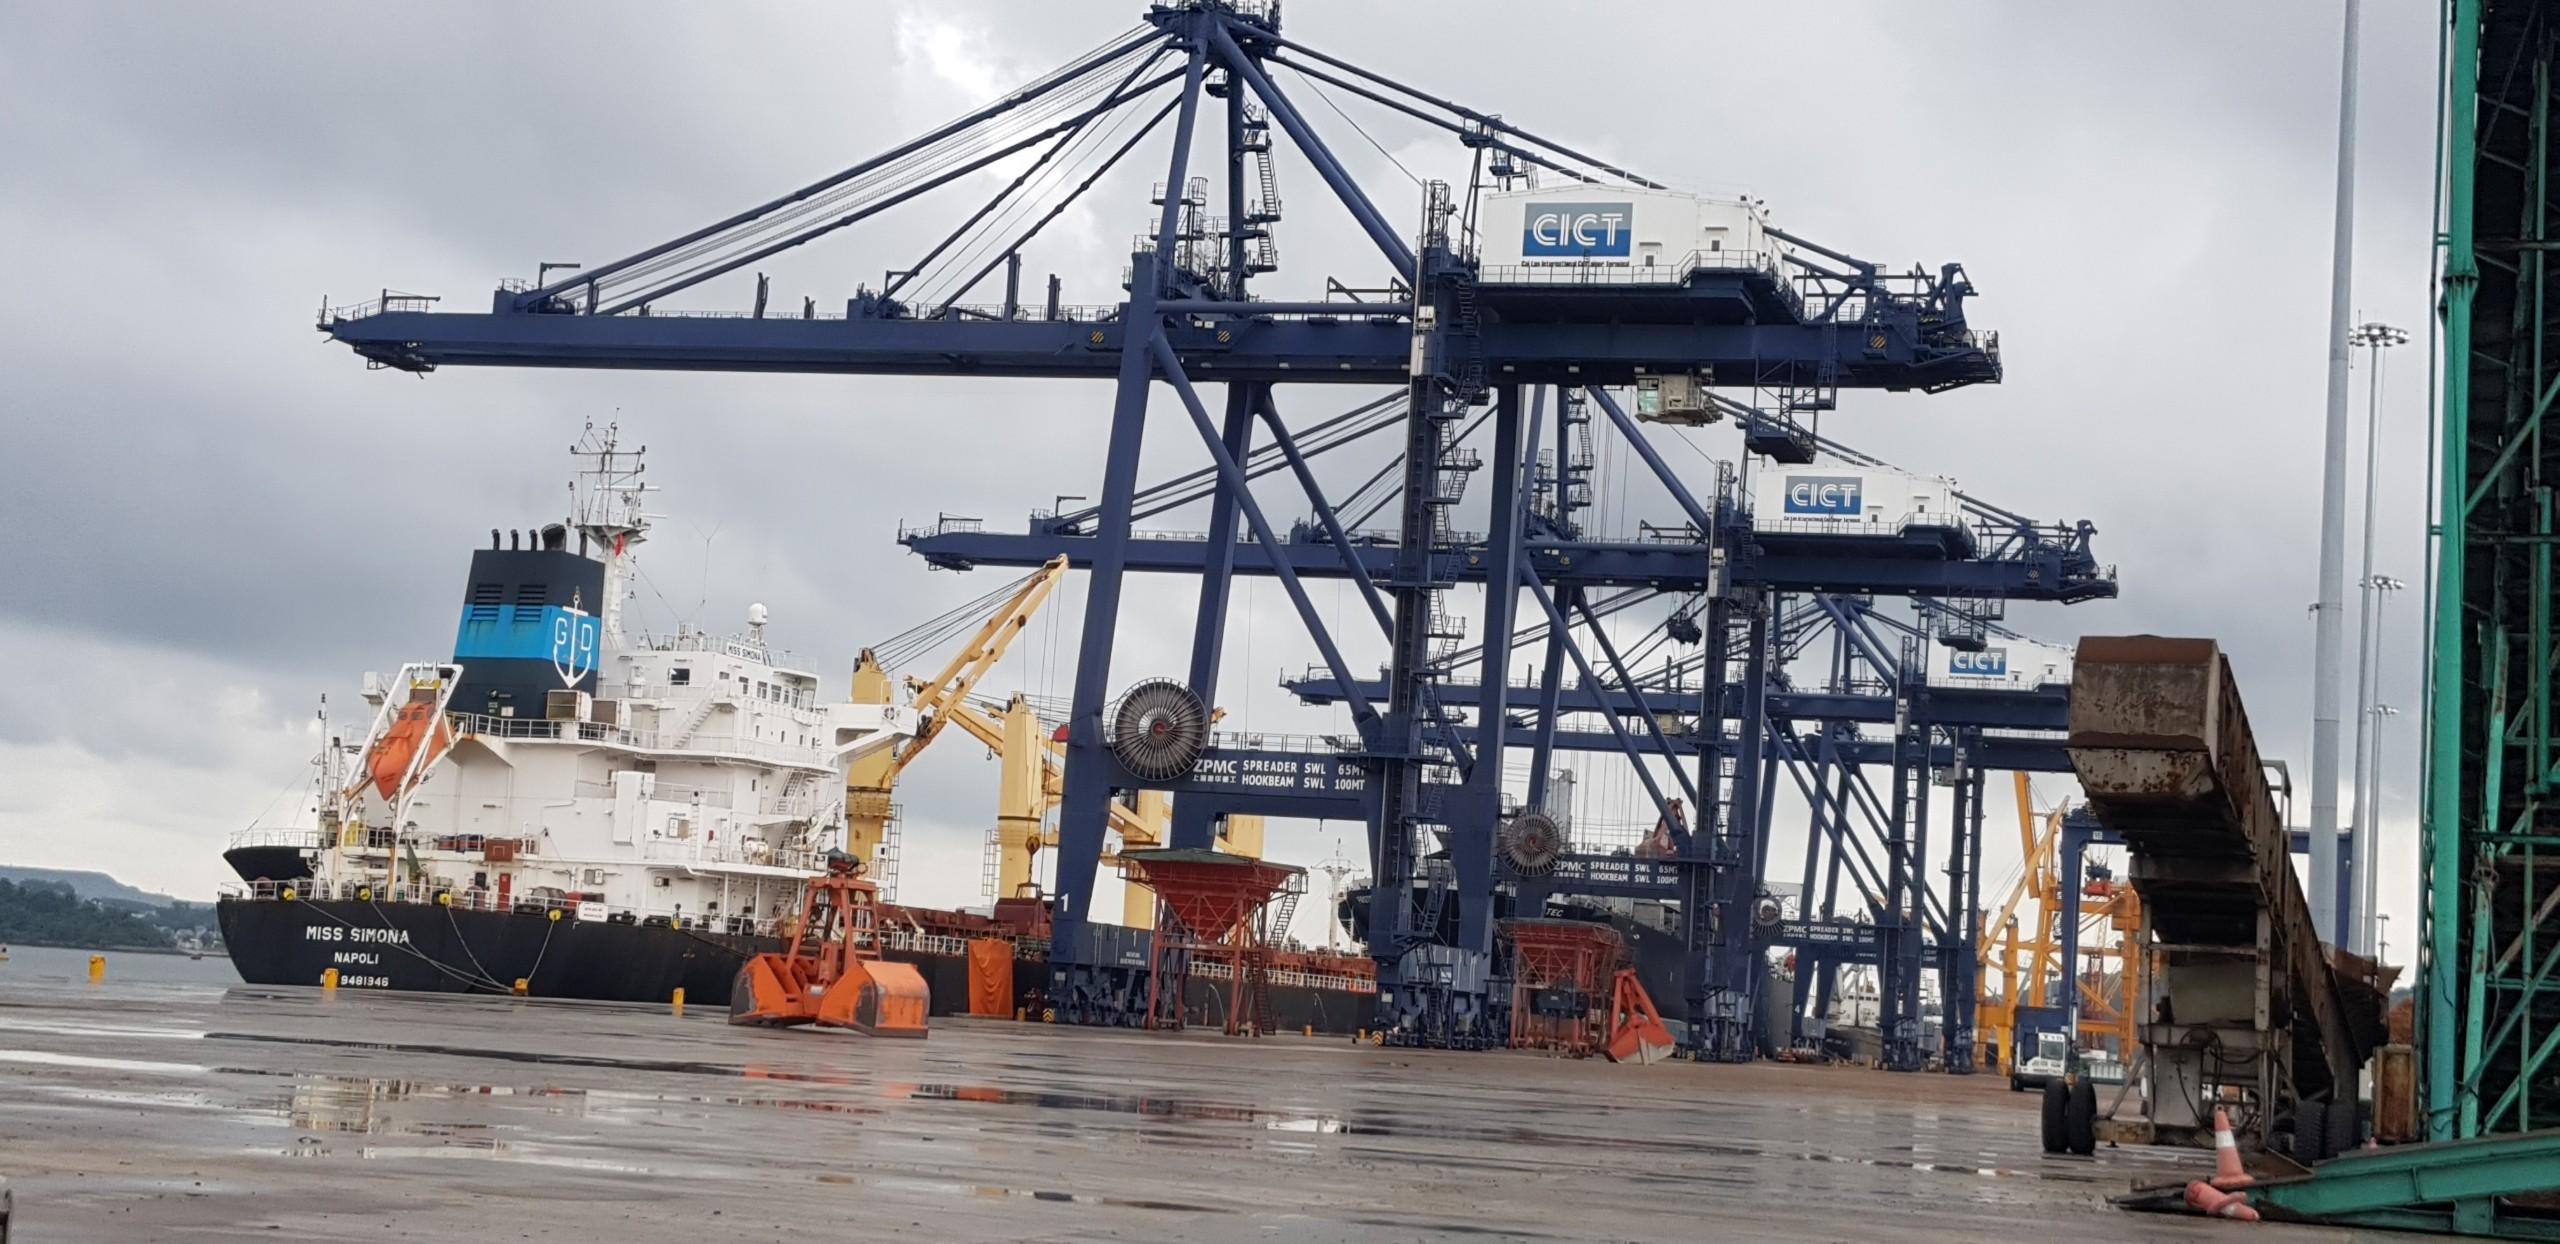 Tổng Hợp Tầu Nông Sản cảng Cái Lân Tháng 07.2020